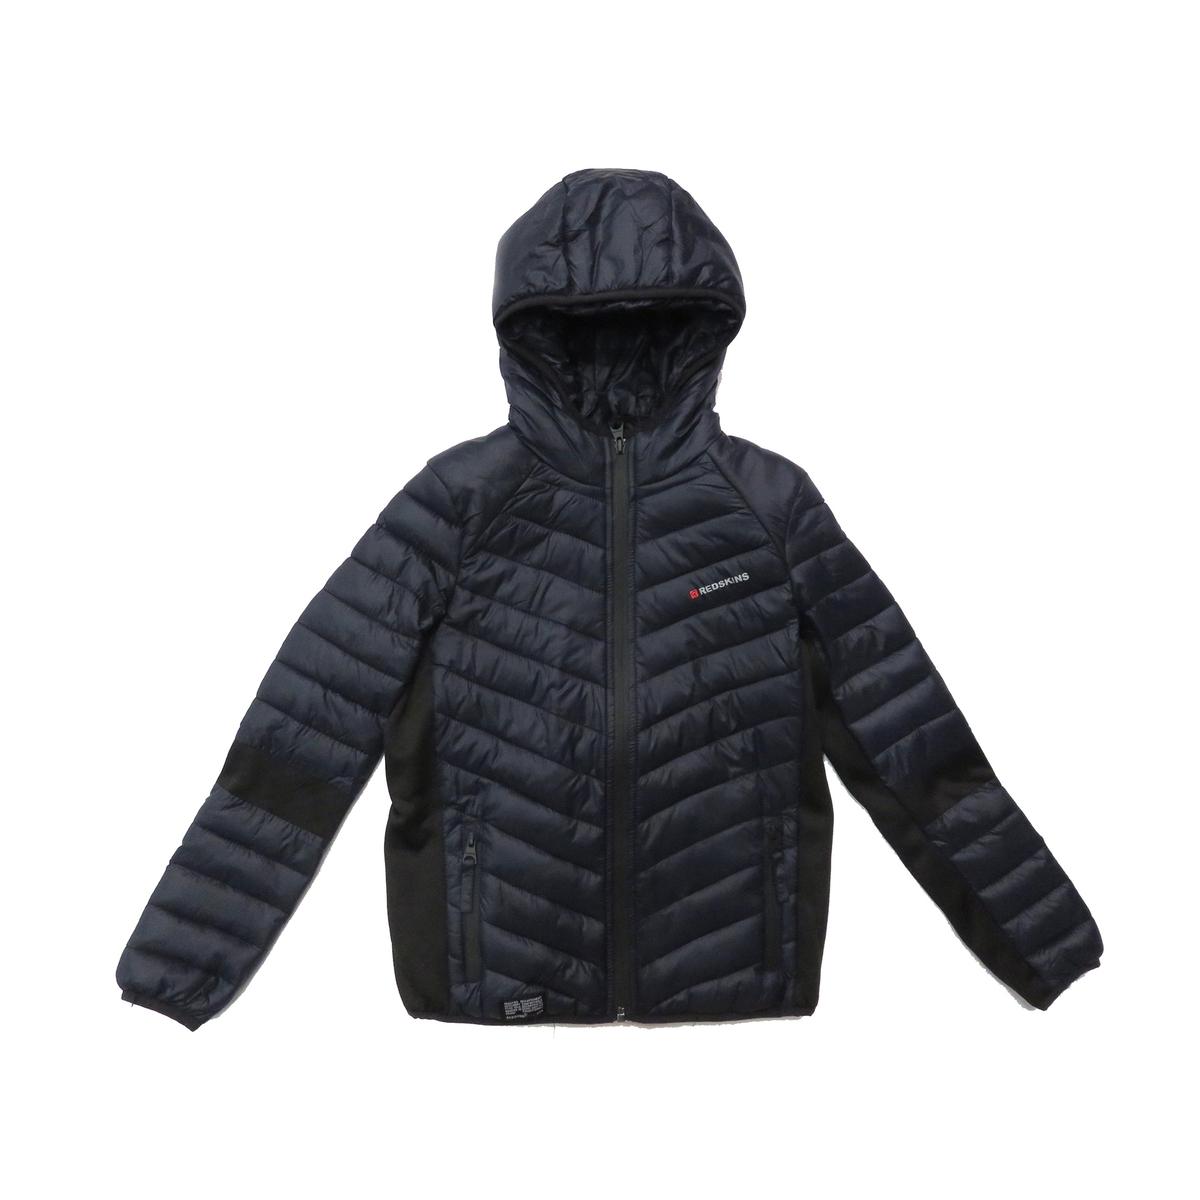 Куртка стеганая с капюшоном 10 - 16 лет